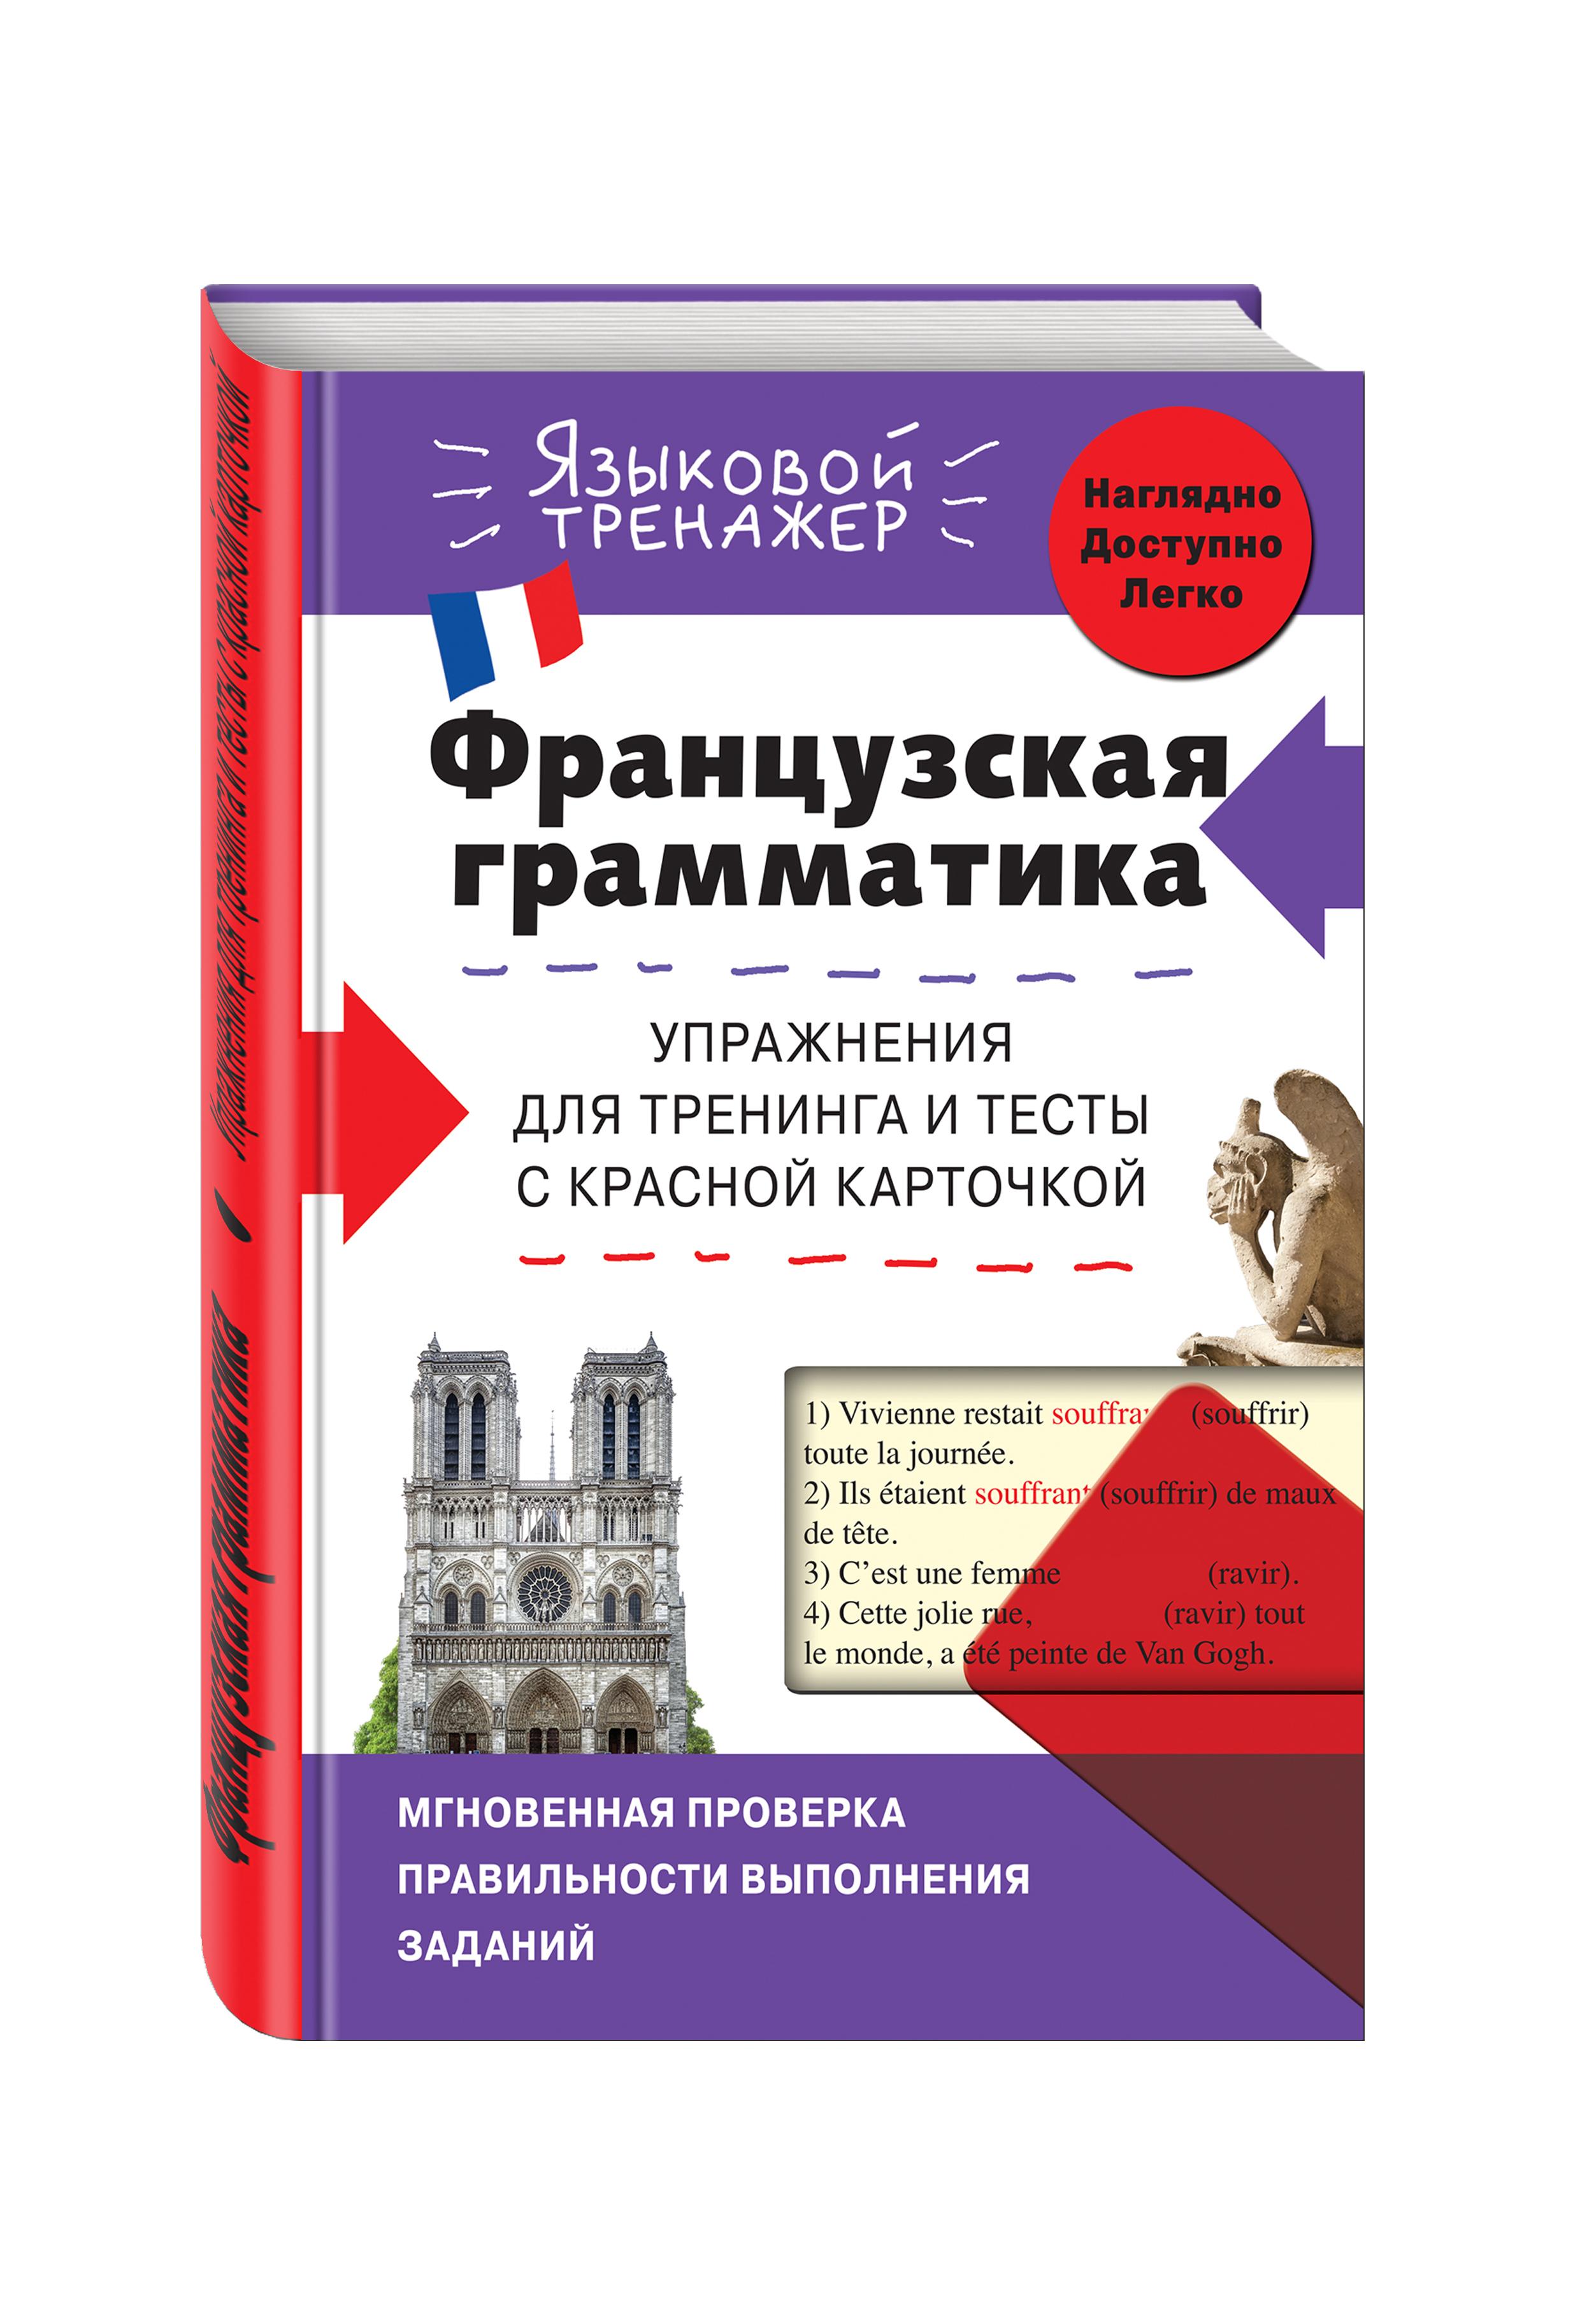 Кобринец О.С. Французская грамматика. Упражнения для тренинга и тесты с красной карточкой